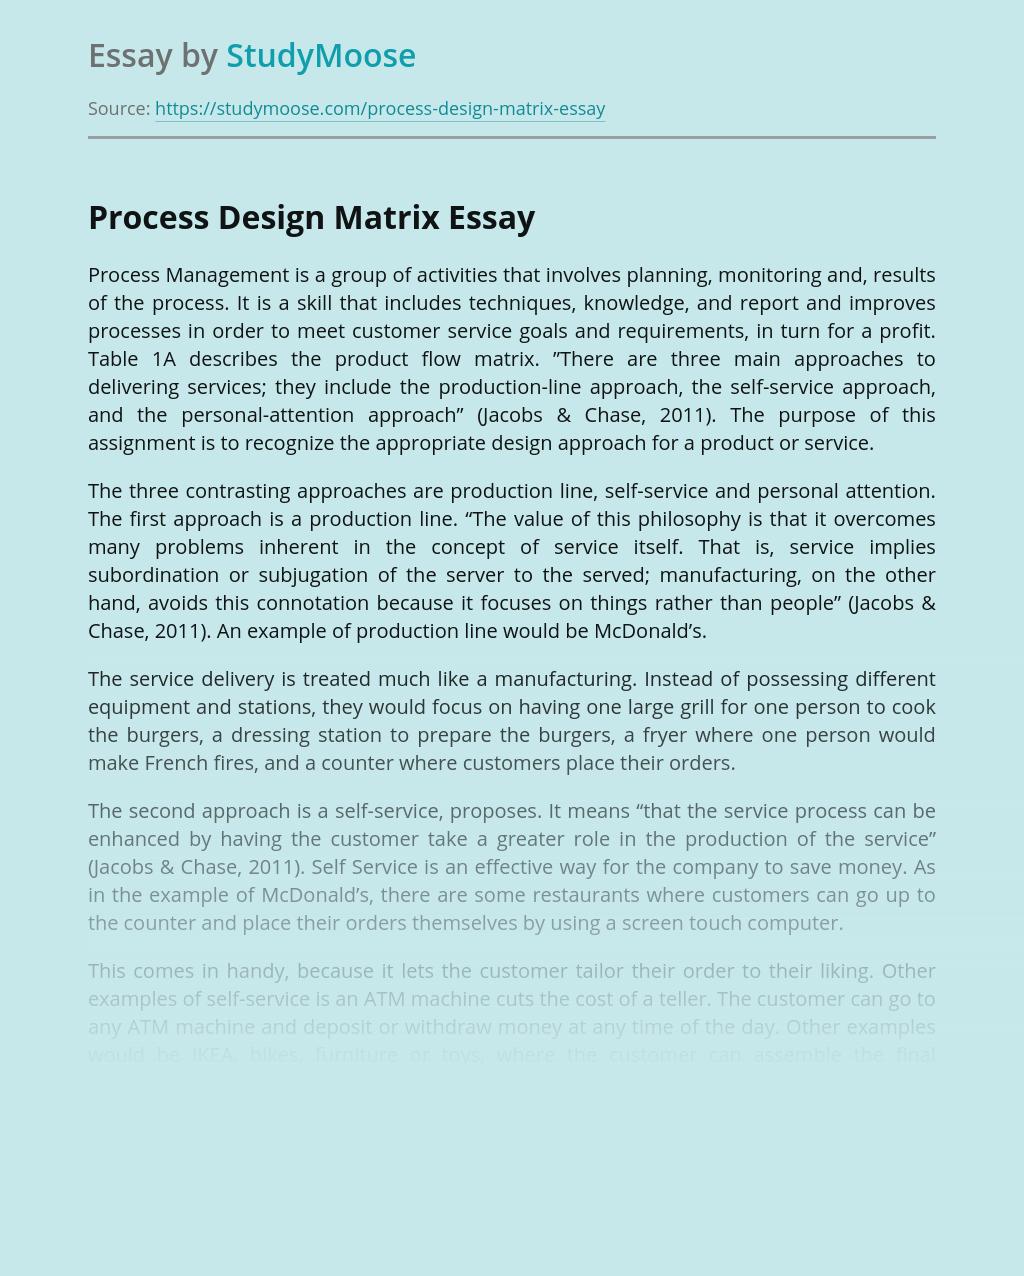 Process Design Matrix